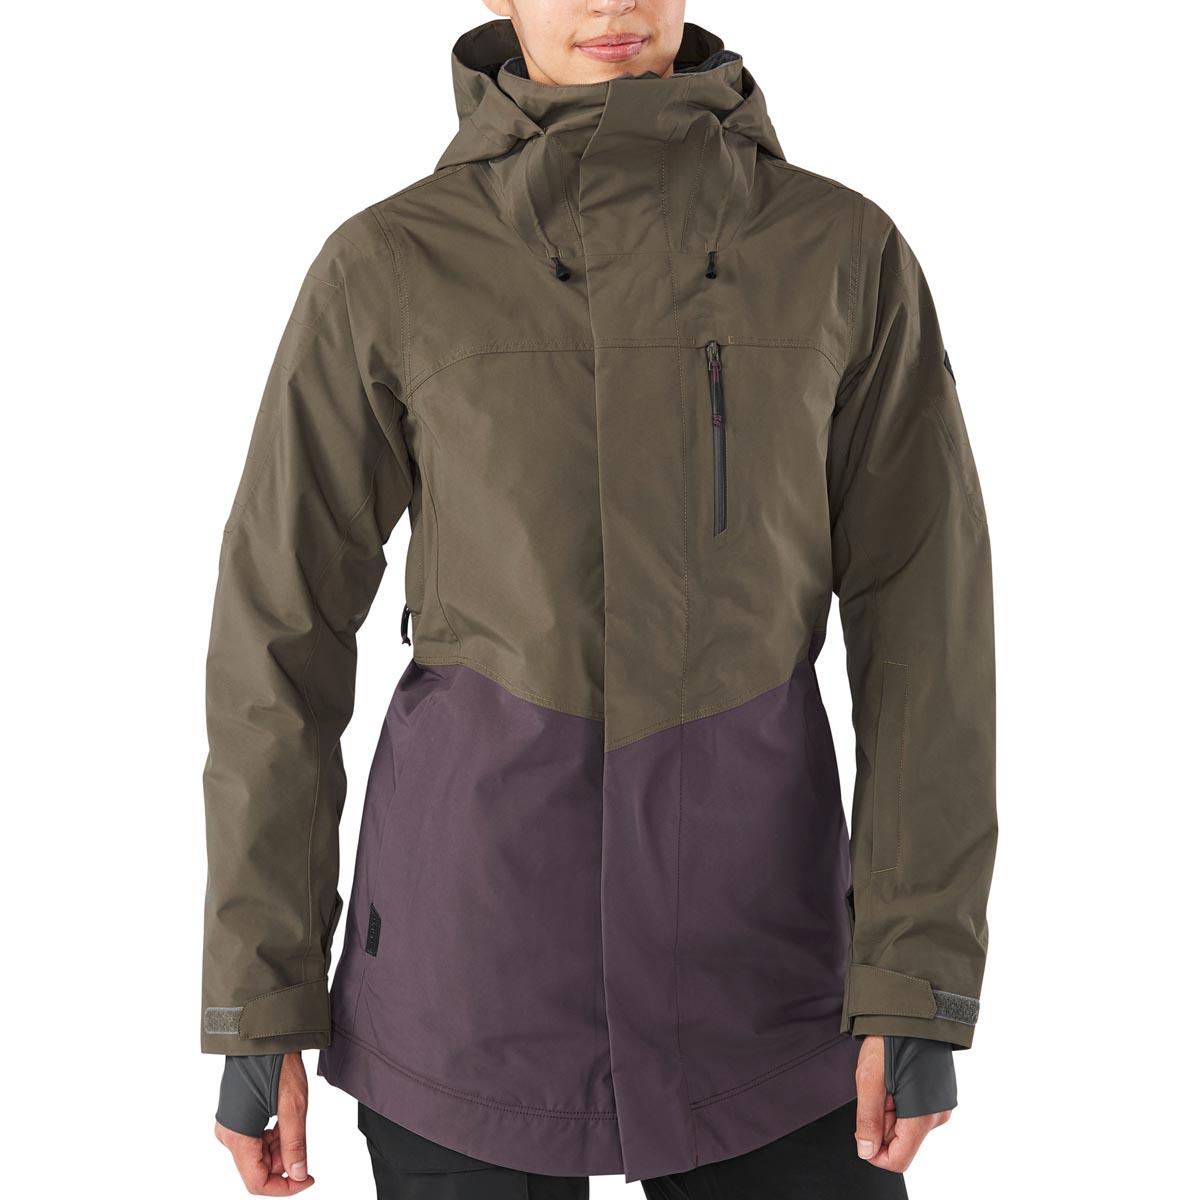 Dakine Silcox 2L Ins Jacket Ski Snowboard Jacket Tarmac Amethyst